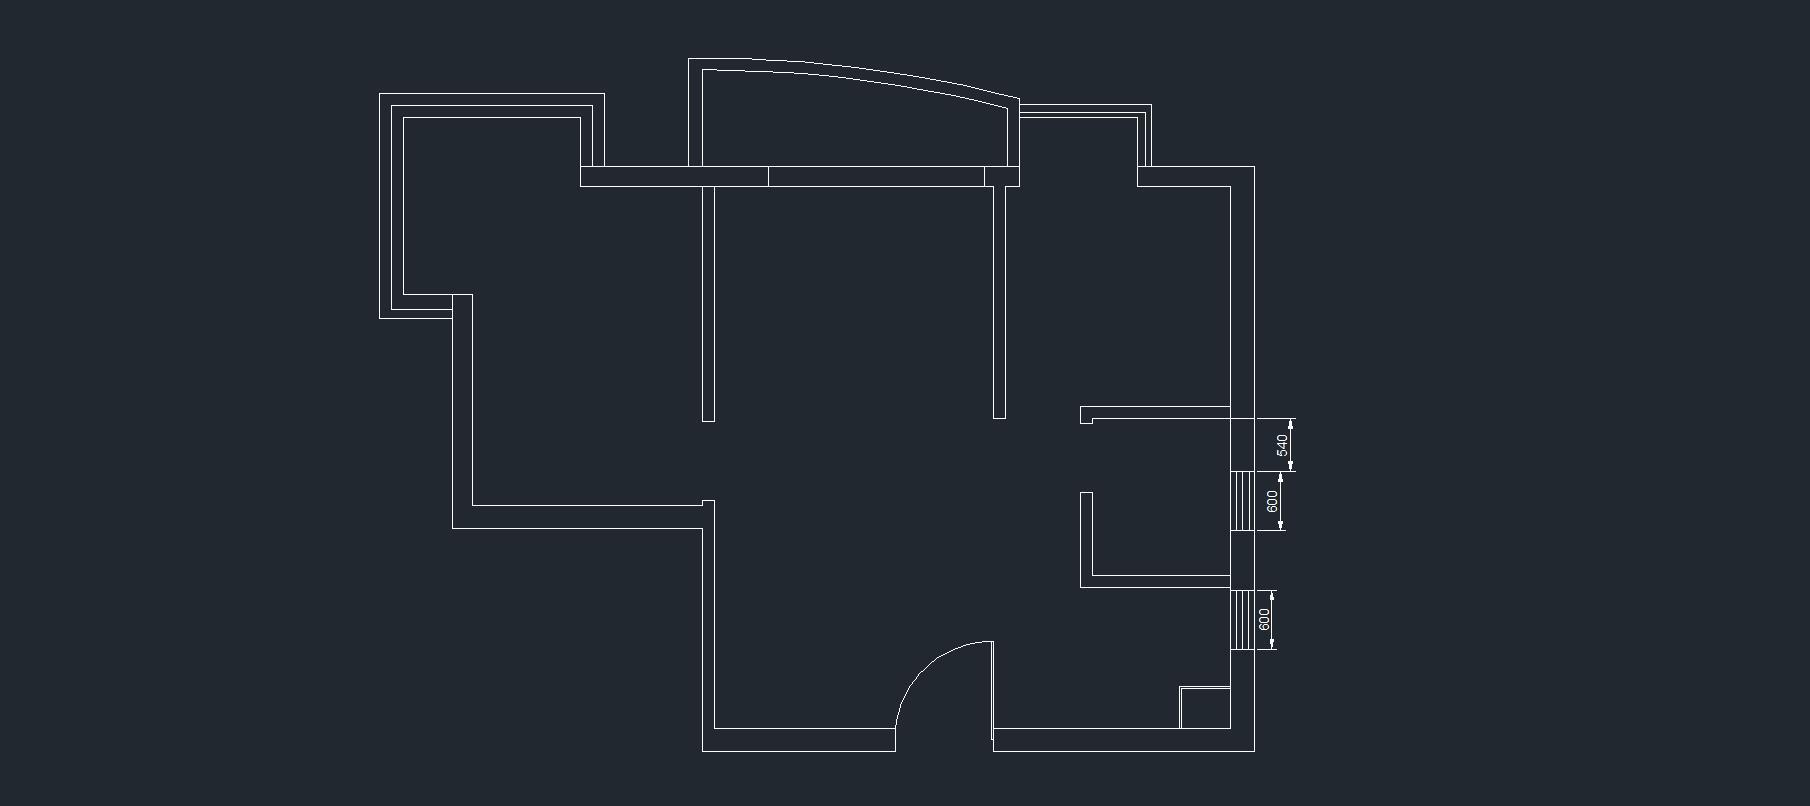 第六课 绘制原始建筑平面图及梁位结构图